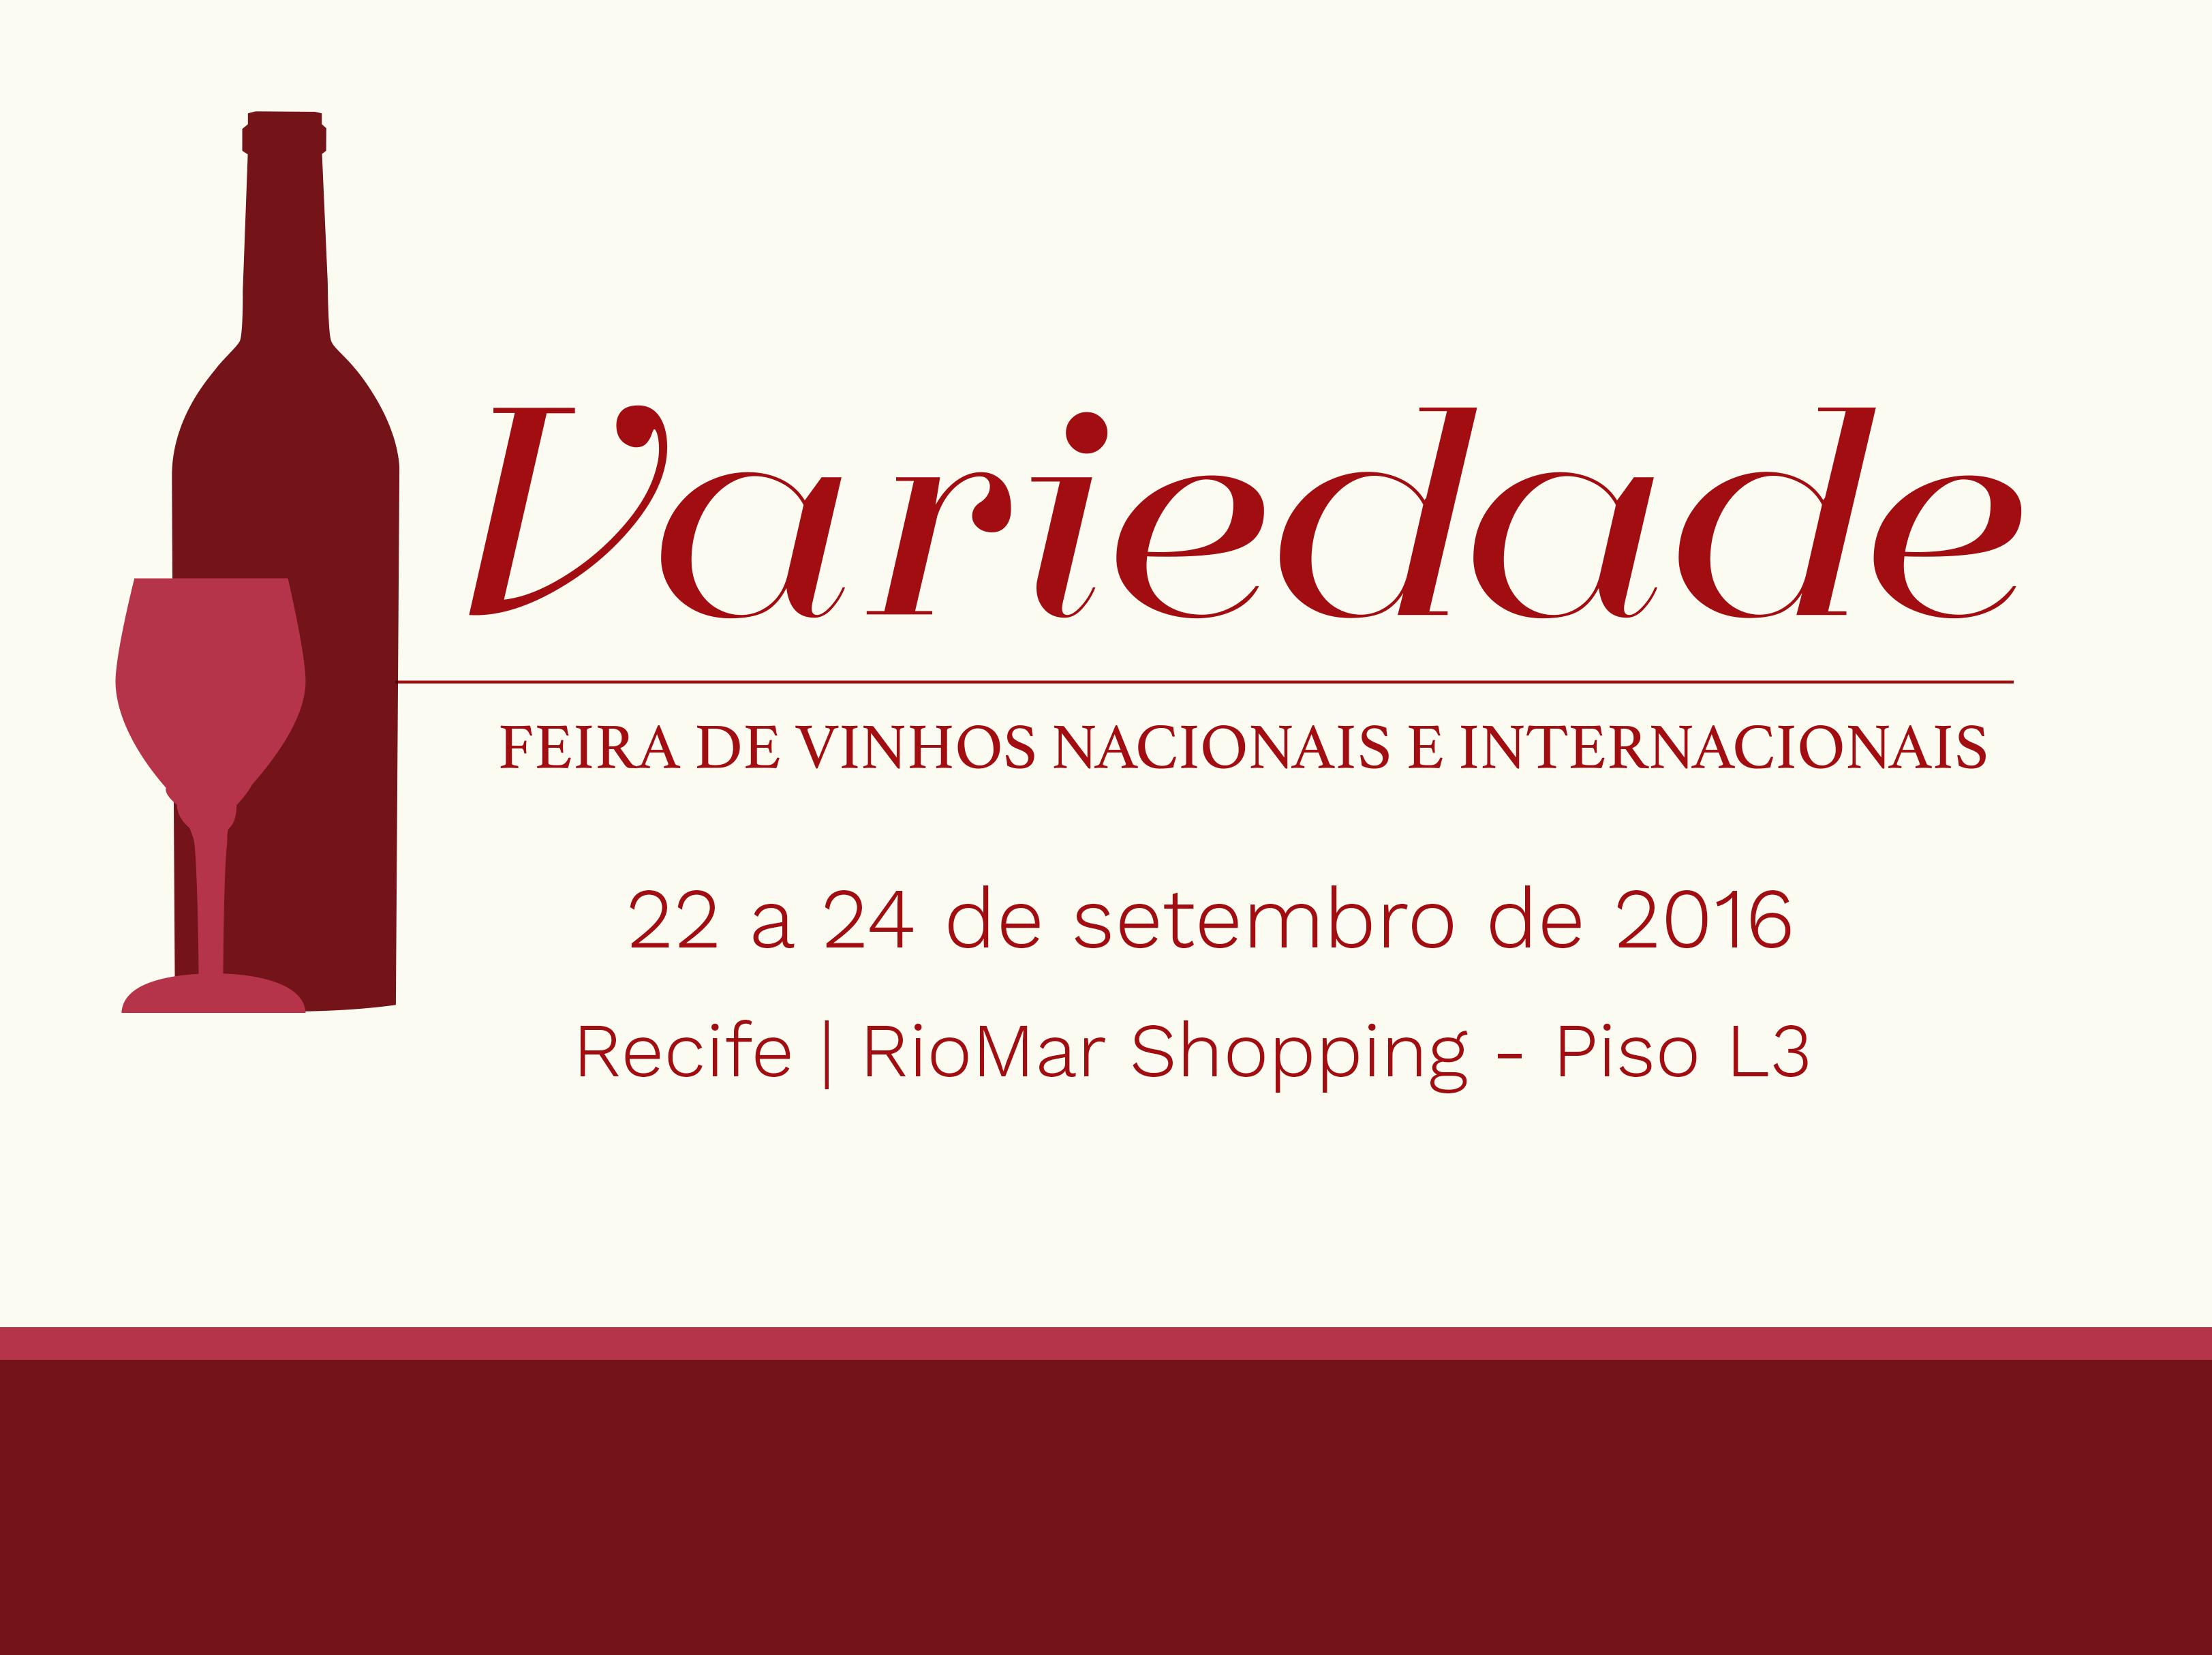 variedade-feira-de-vinhos